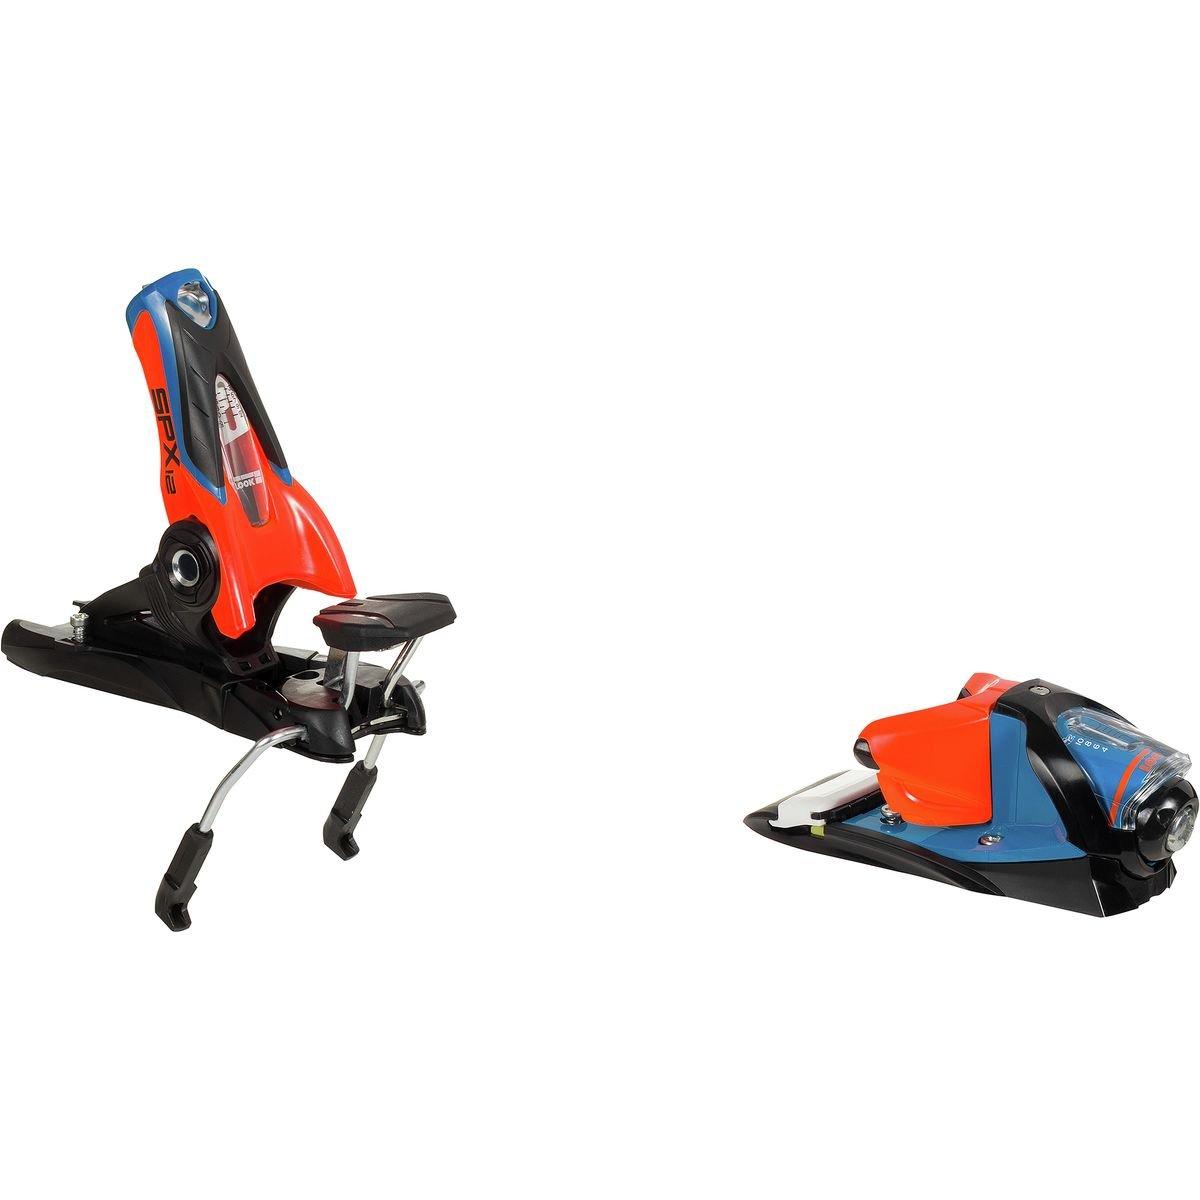 Look SPX 12 Dual WTR Binding 2018 - B90 Blue/Orange